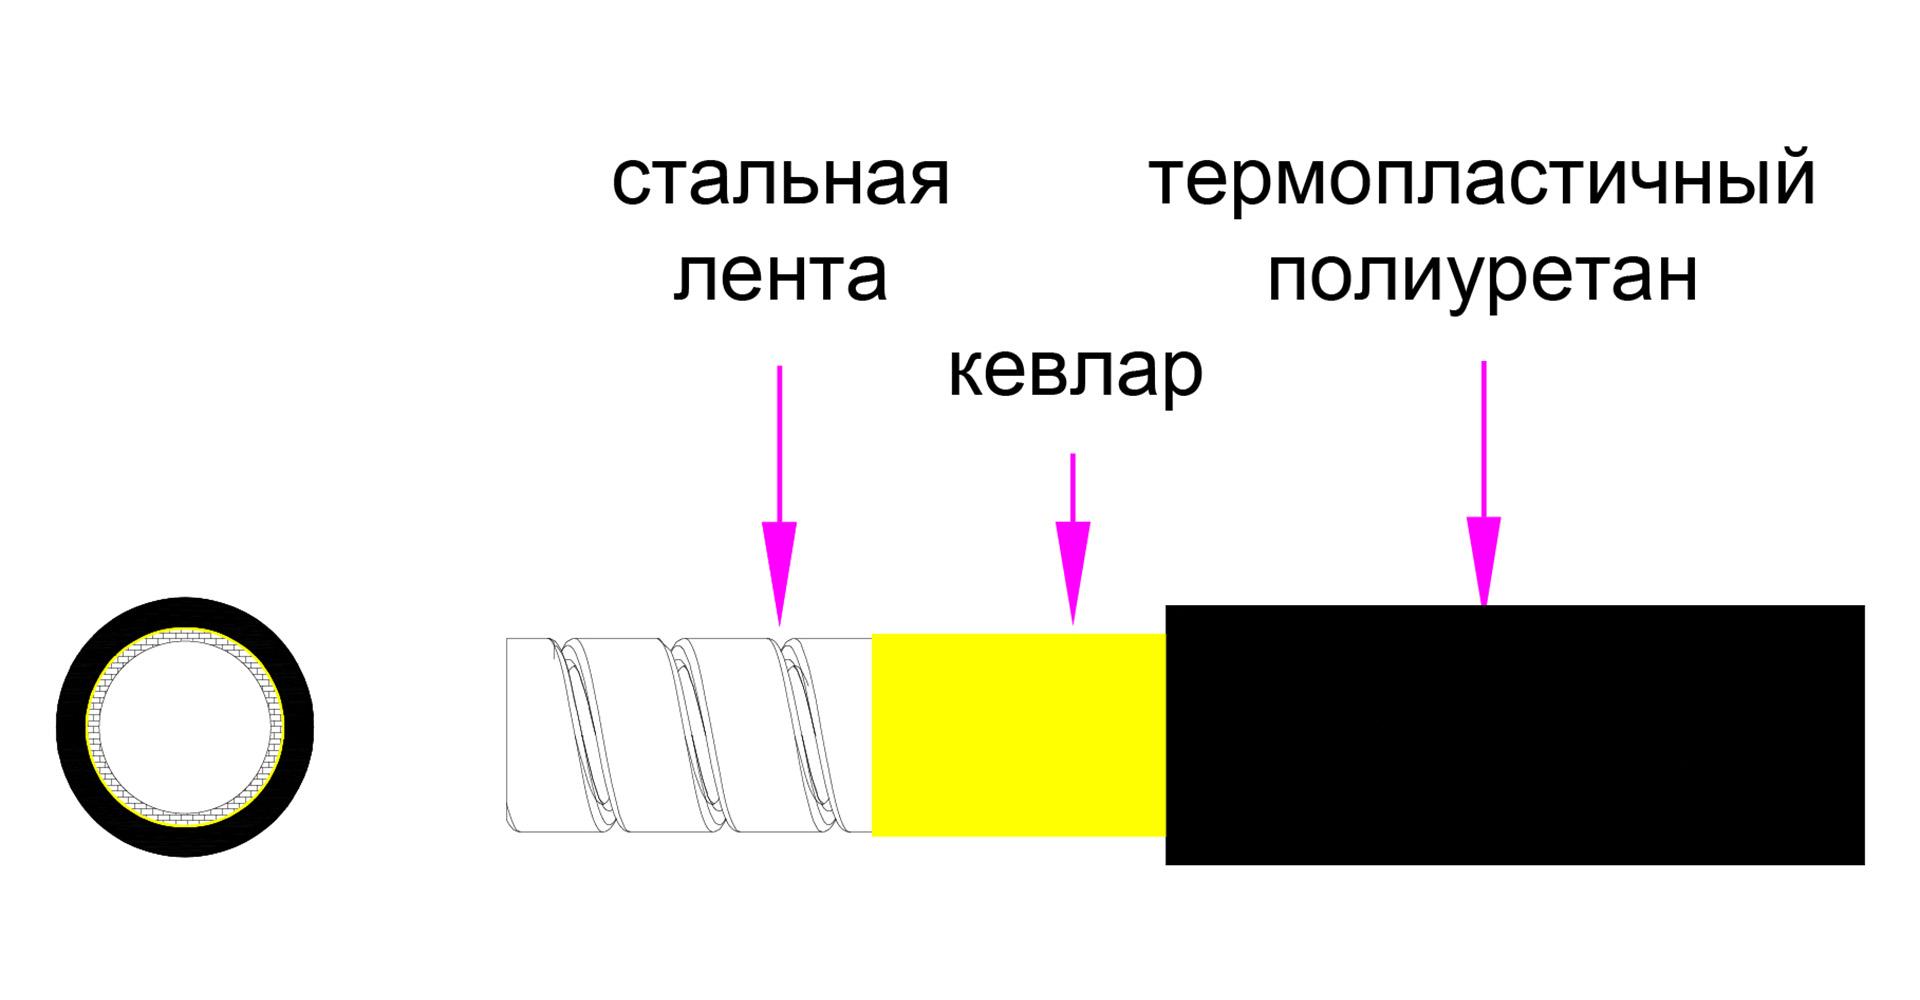 Активный бронированный HDMI-кабель POWERGRIP Visionary: передача сигнала HDMI 2.0b на расстояние до 100 метров